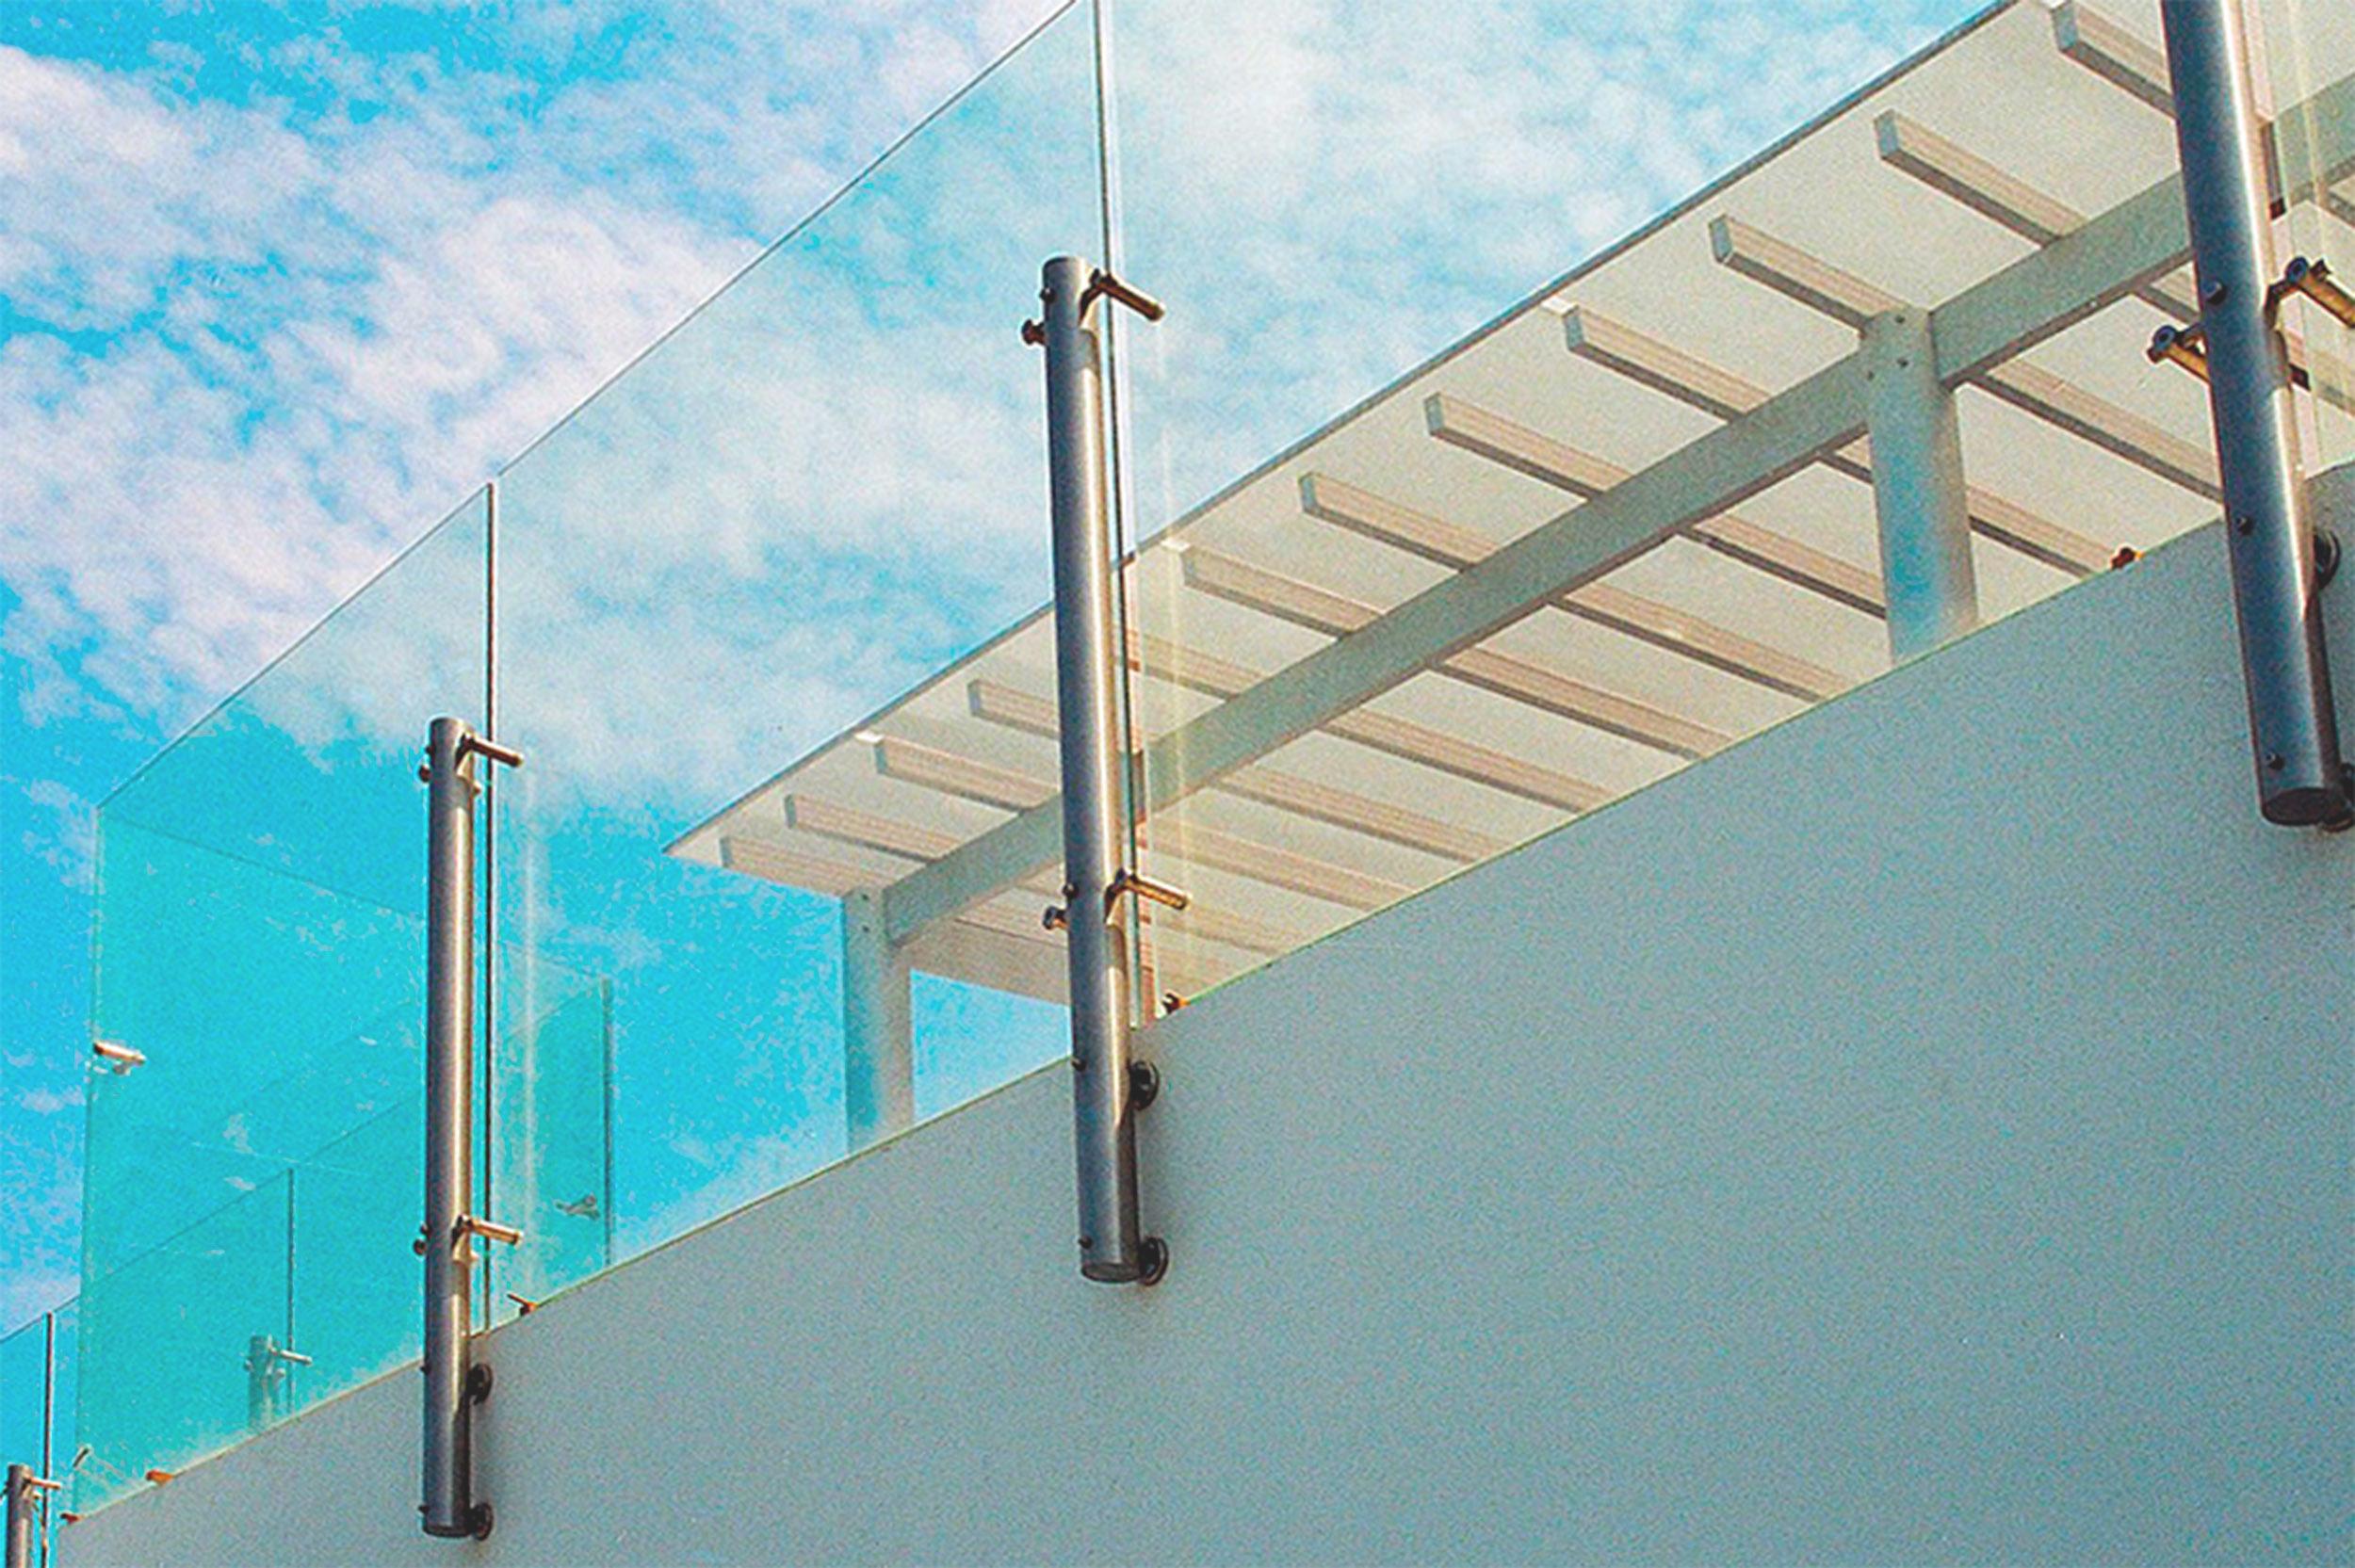 Cortavientos de vidrio con soporte de aluminio, ubicado en balcón